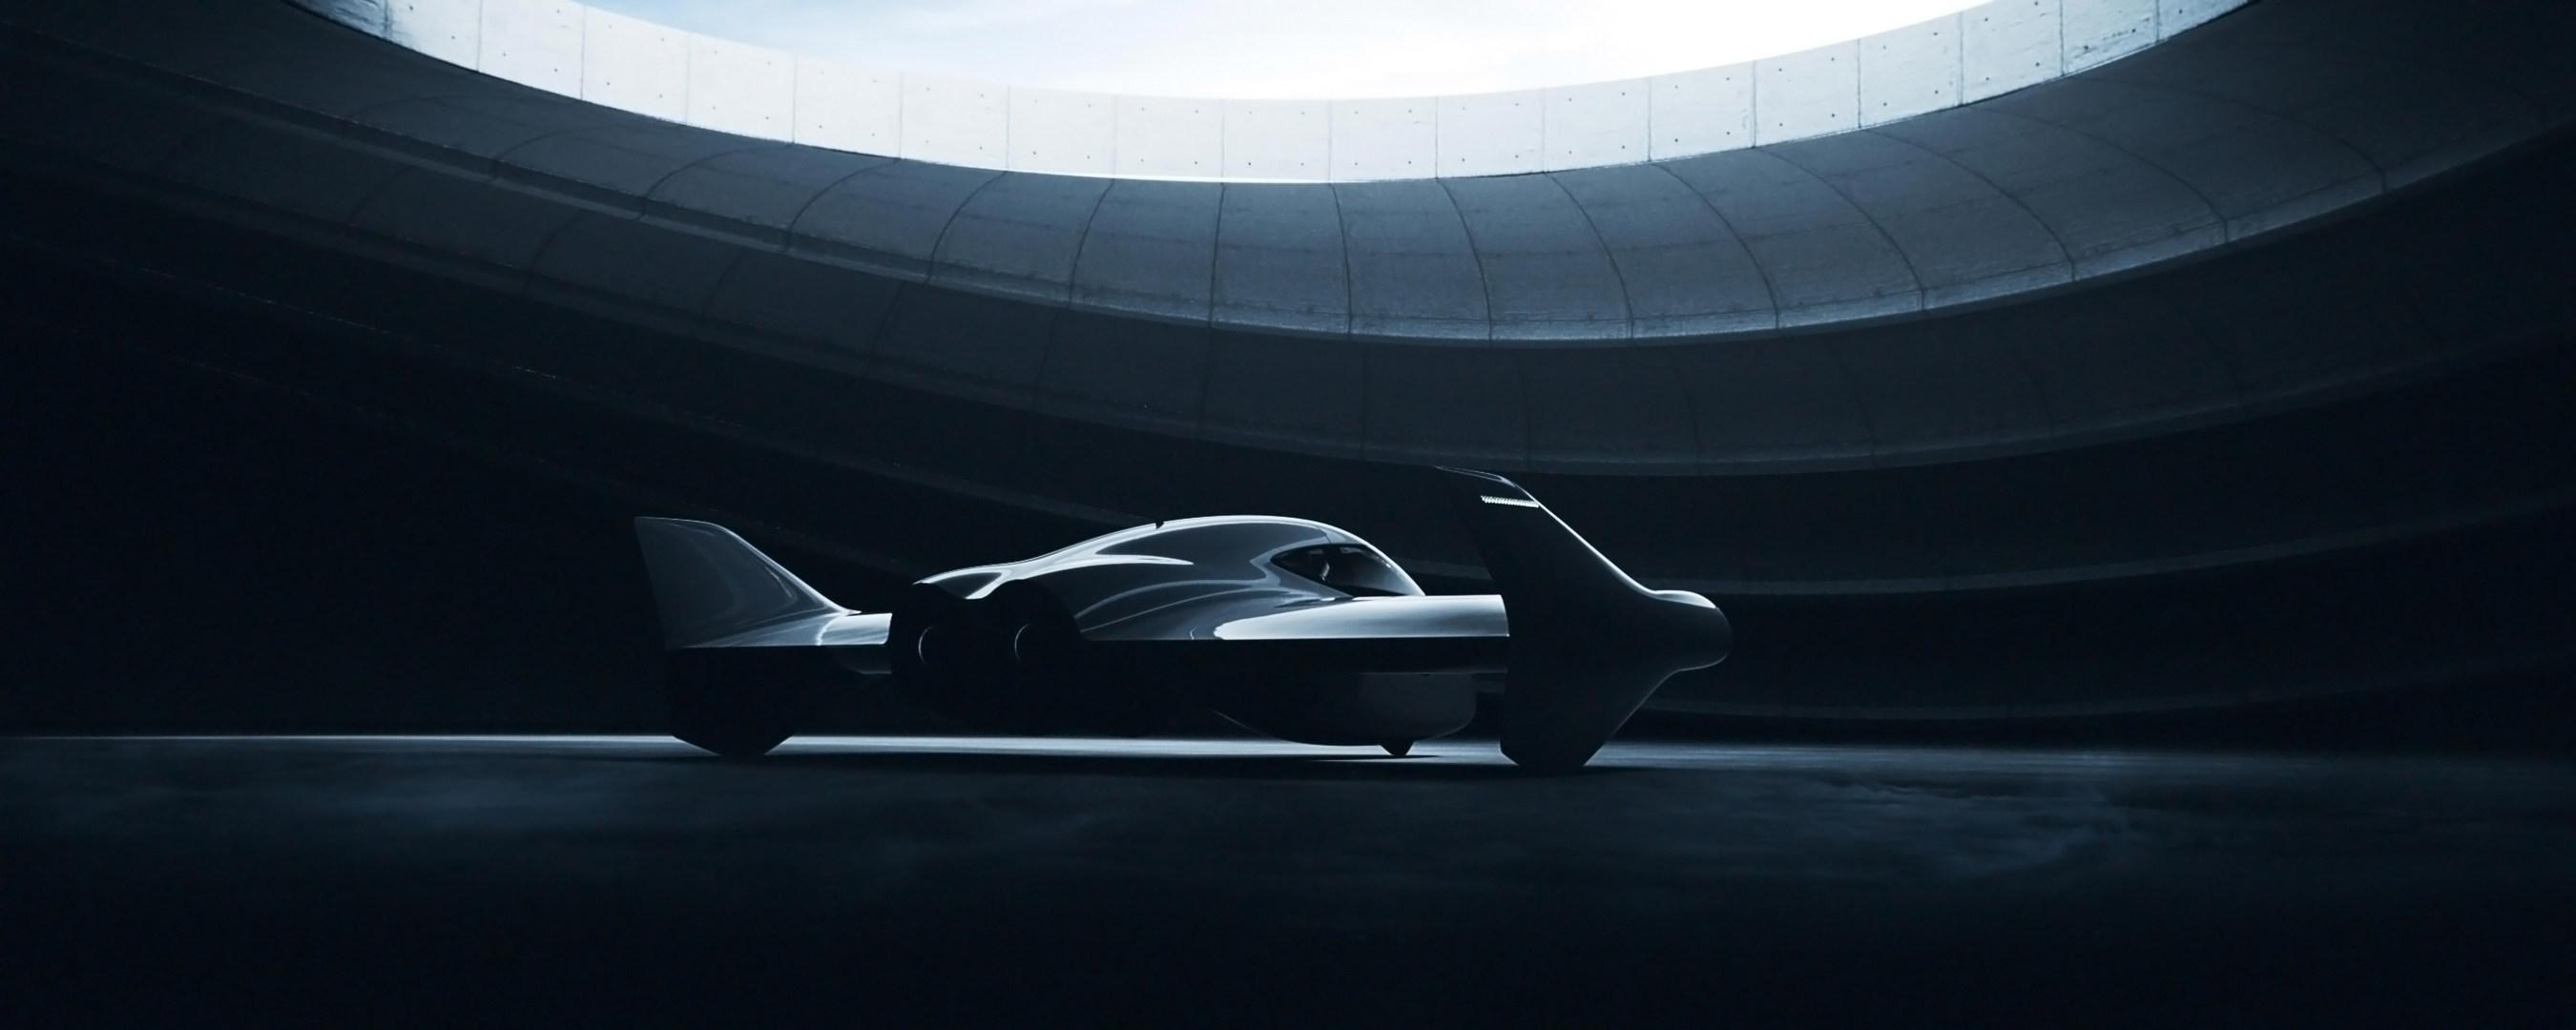 Мы уже писали об интересе разных автопроизводителей к летающим машинам. Например, Geely купила фирму Terrafugia и уже почти достроила завод для производства аэромобилей, а Hyundai работает над подобным проектом совместно с NASA.